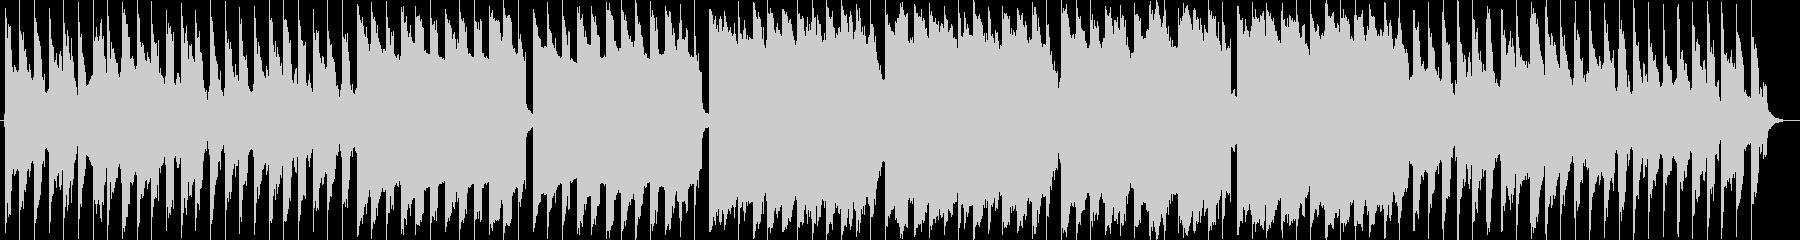 童謡「背くらべ」シンプルなアレンジの未再生の波形